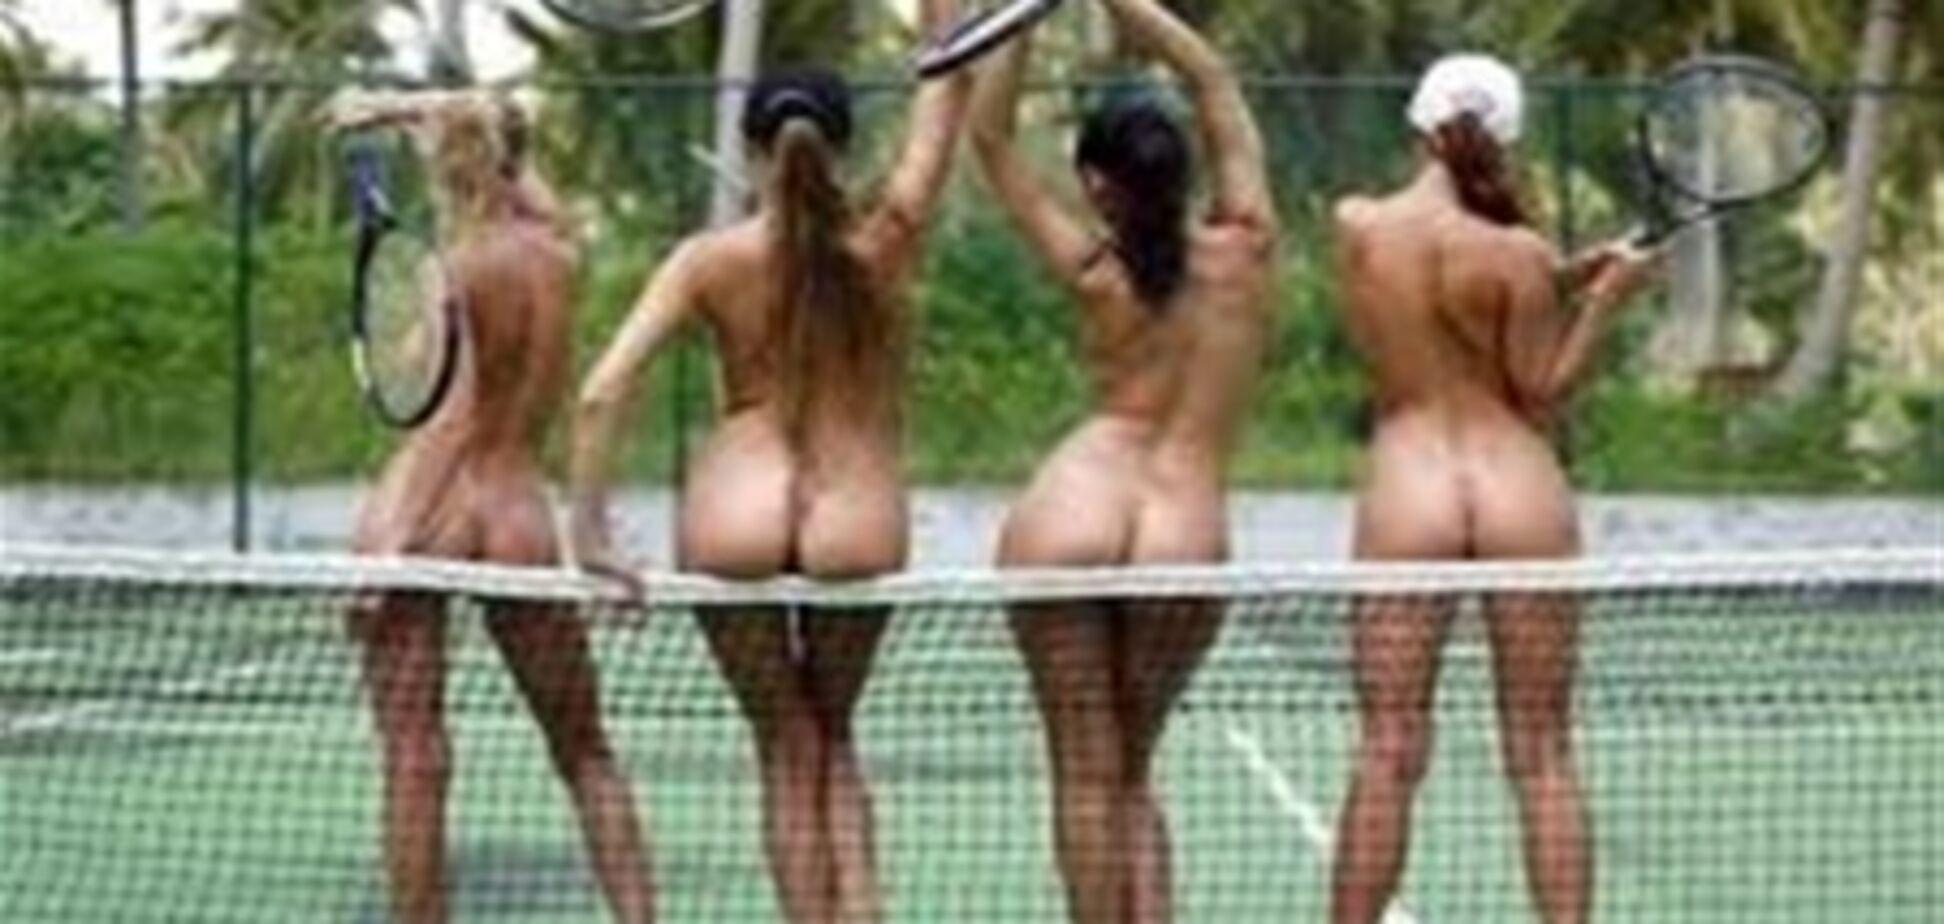 Рятуючись від кризи, відкритий спортзал, де займаються голими